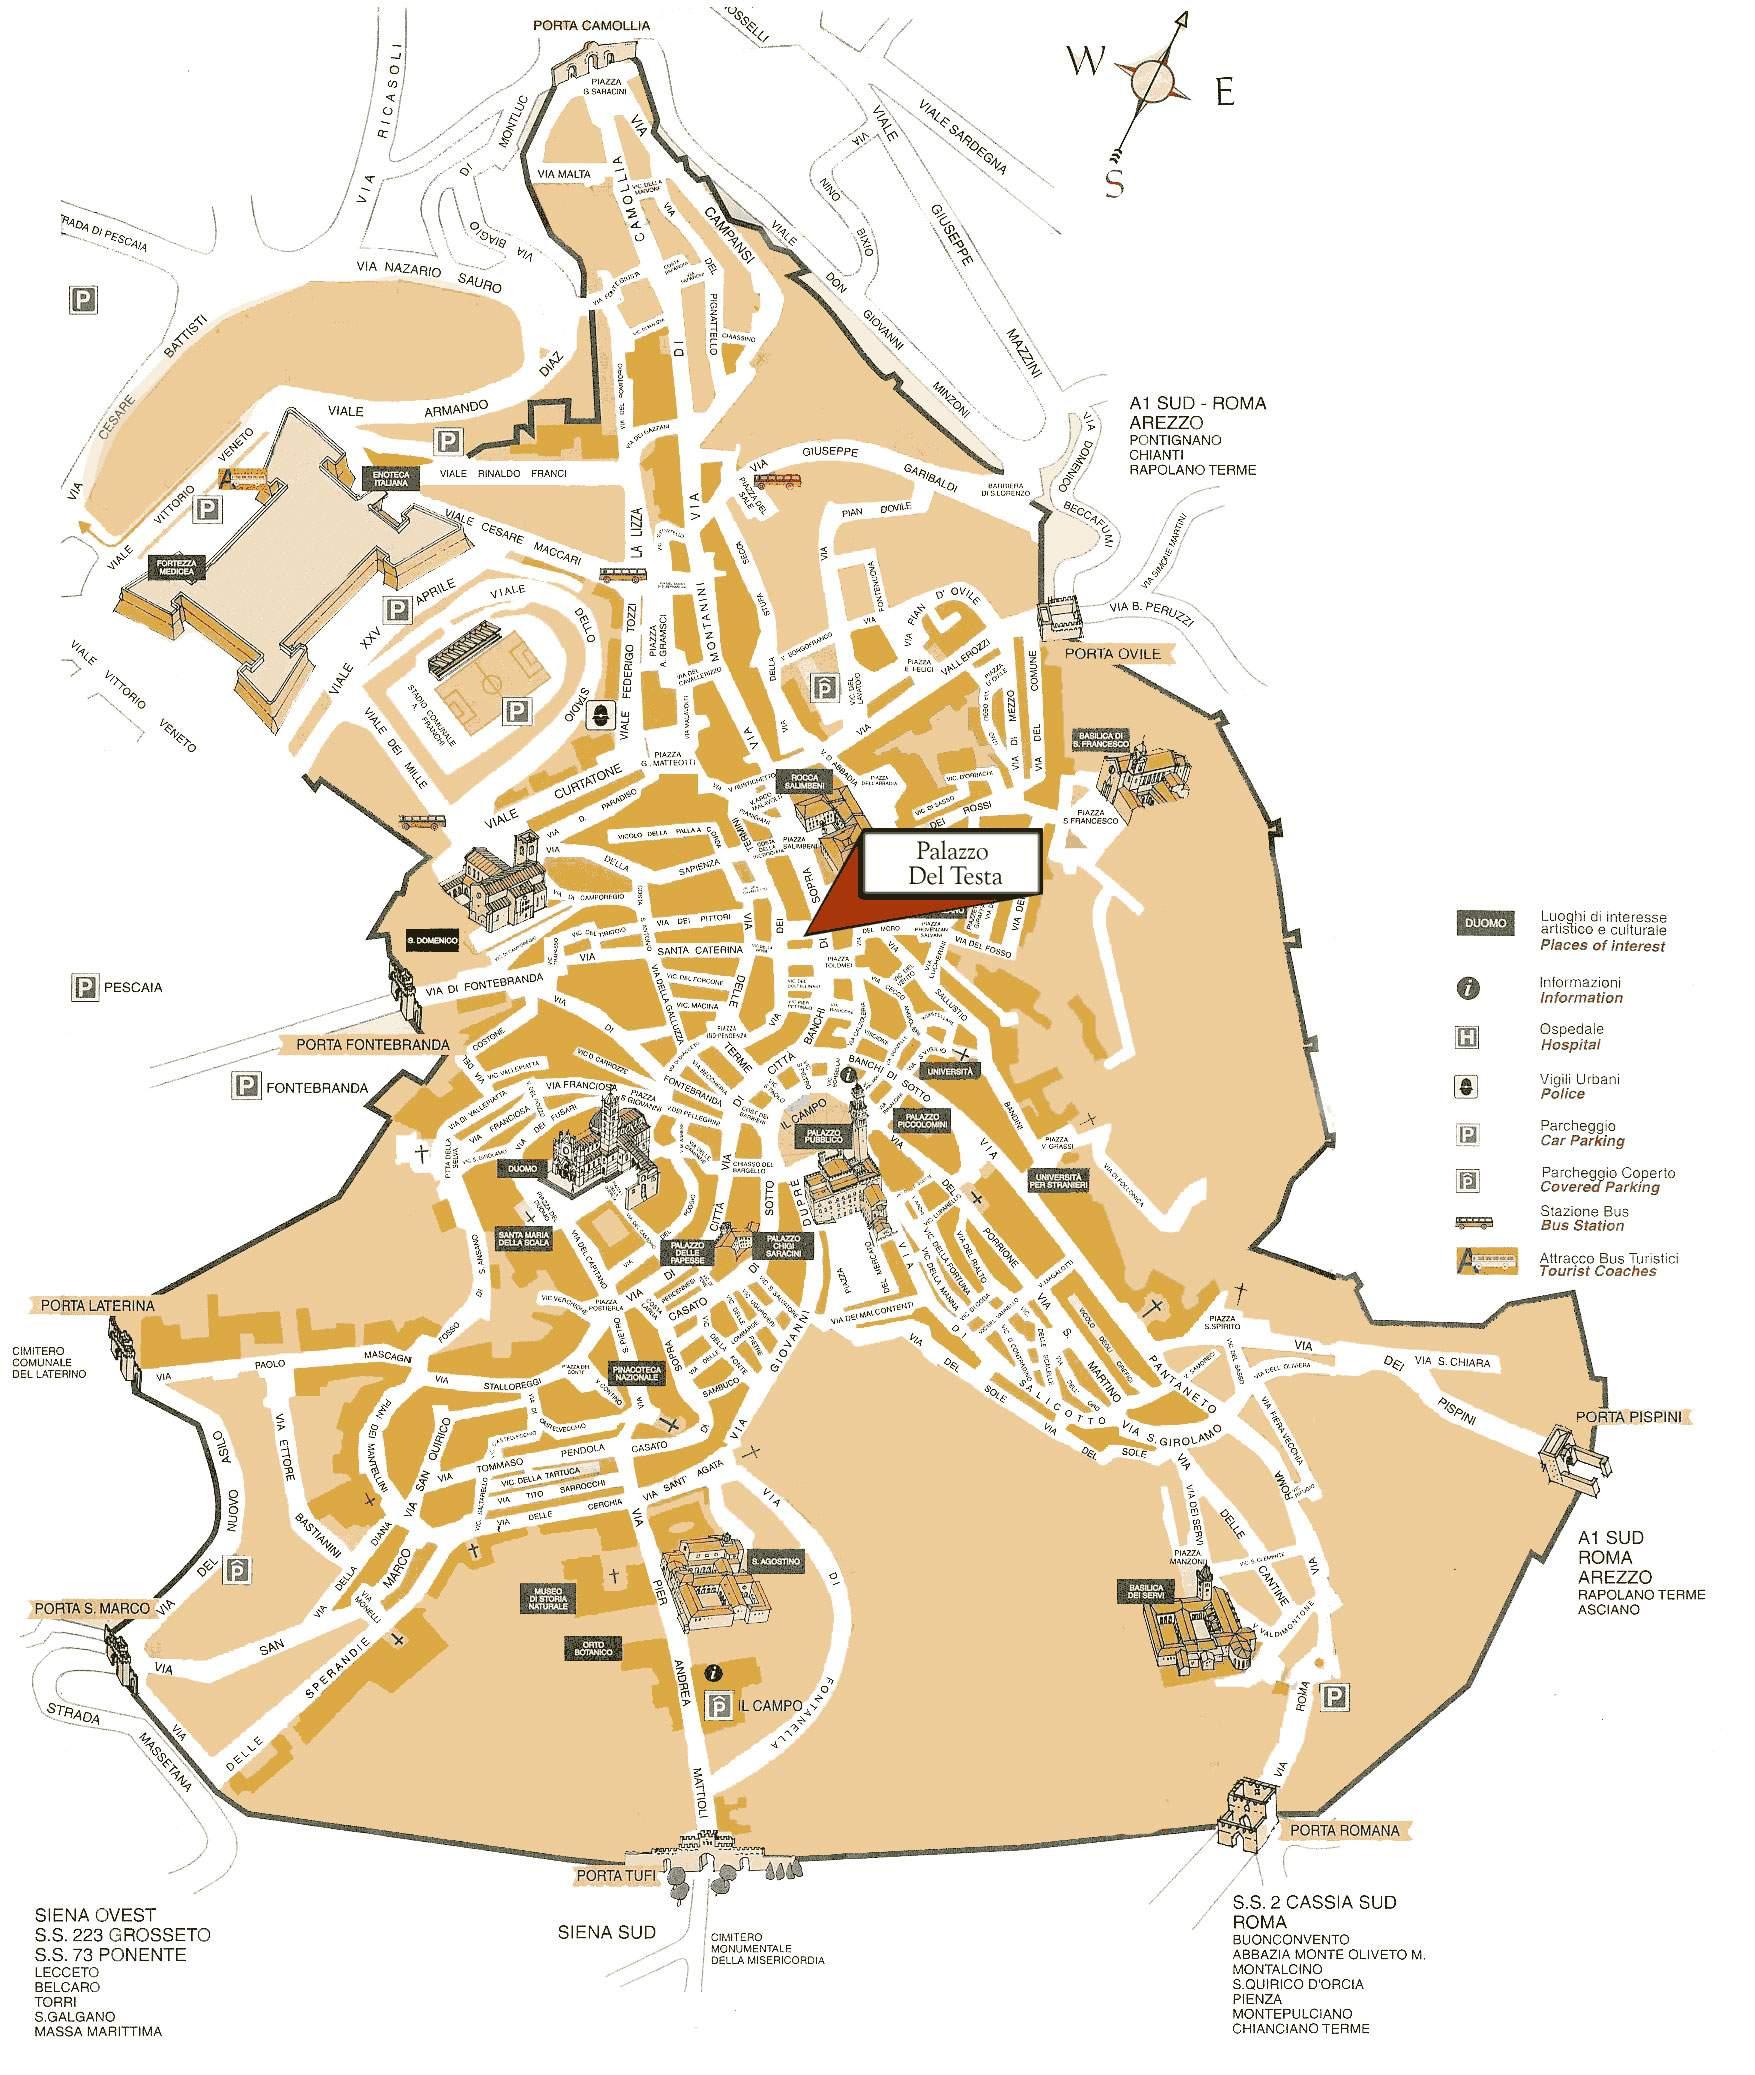 siena italien karte Stadtplan von Siena | Detaillierte gedruckte Karten von Siena  siena italien karte